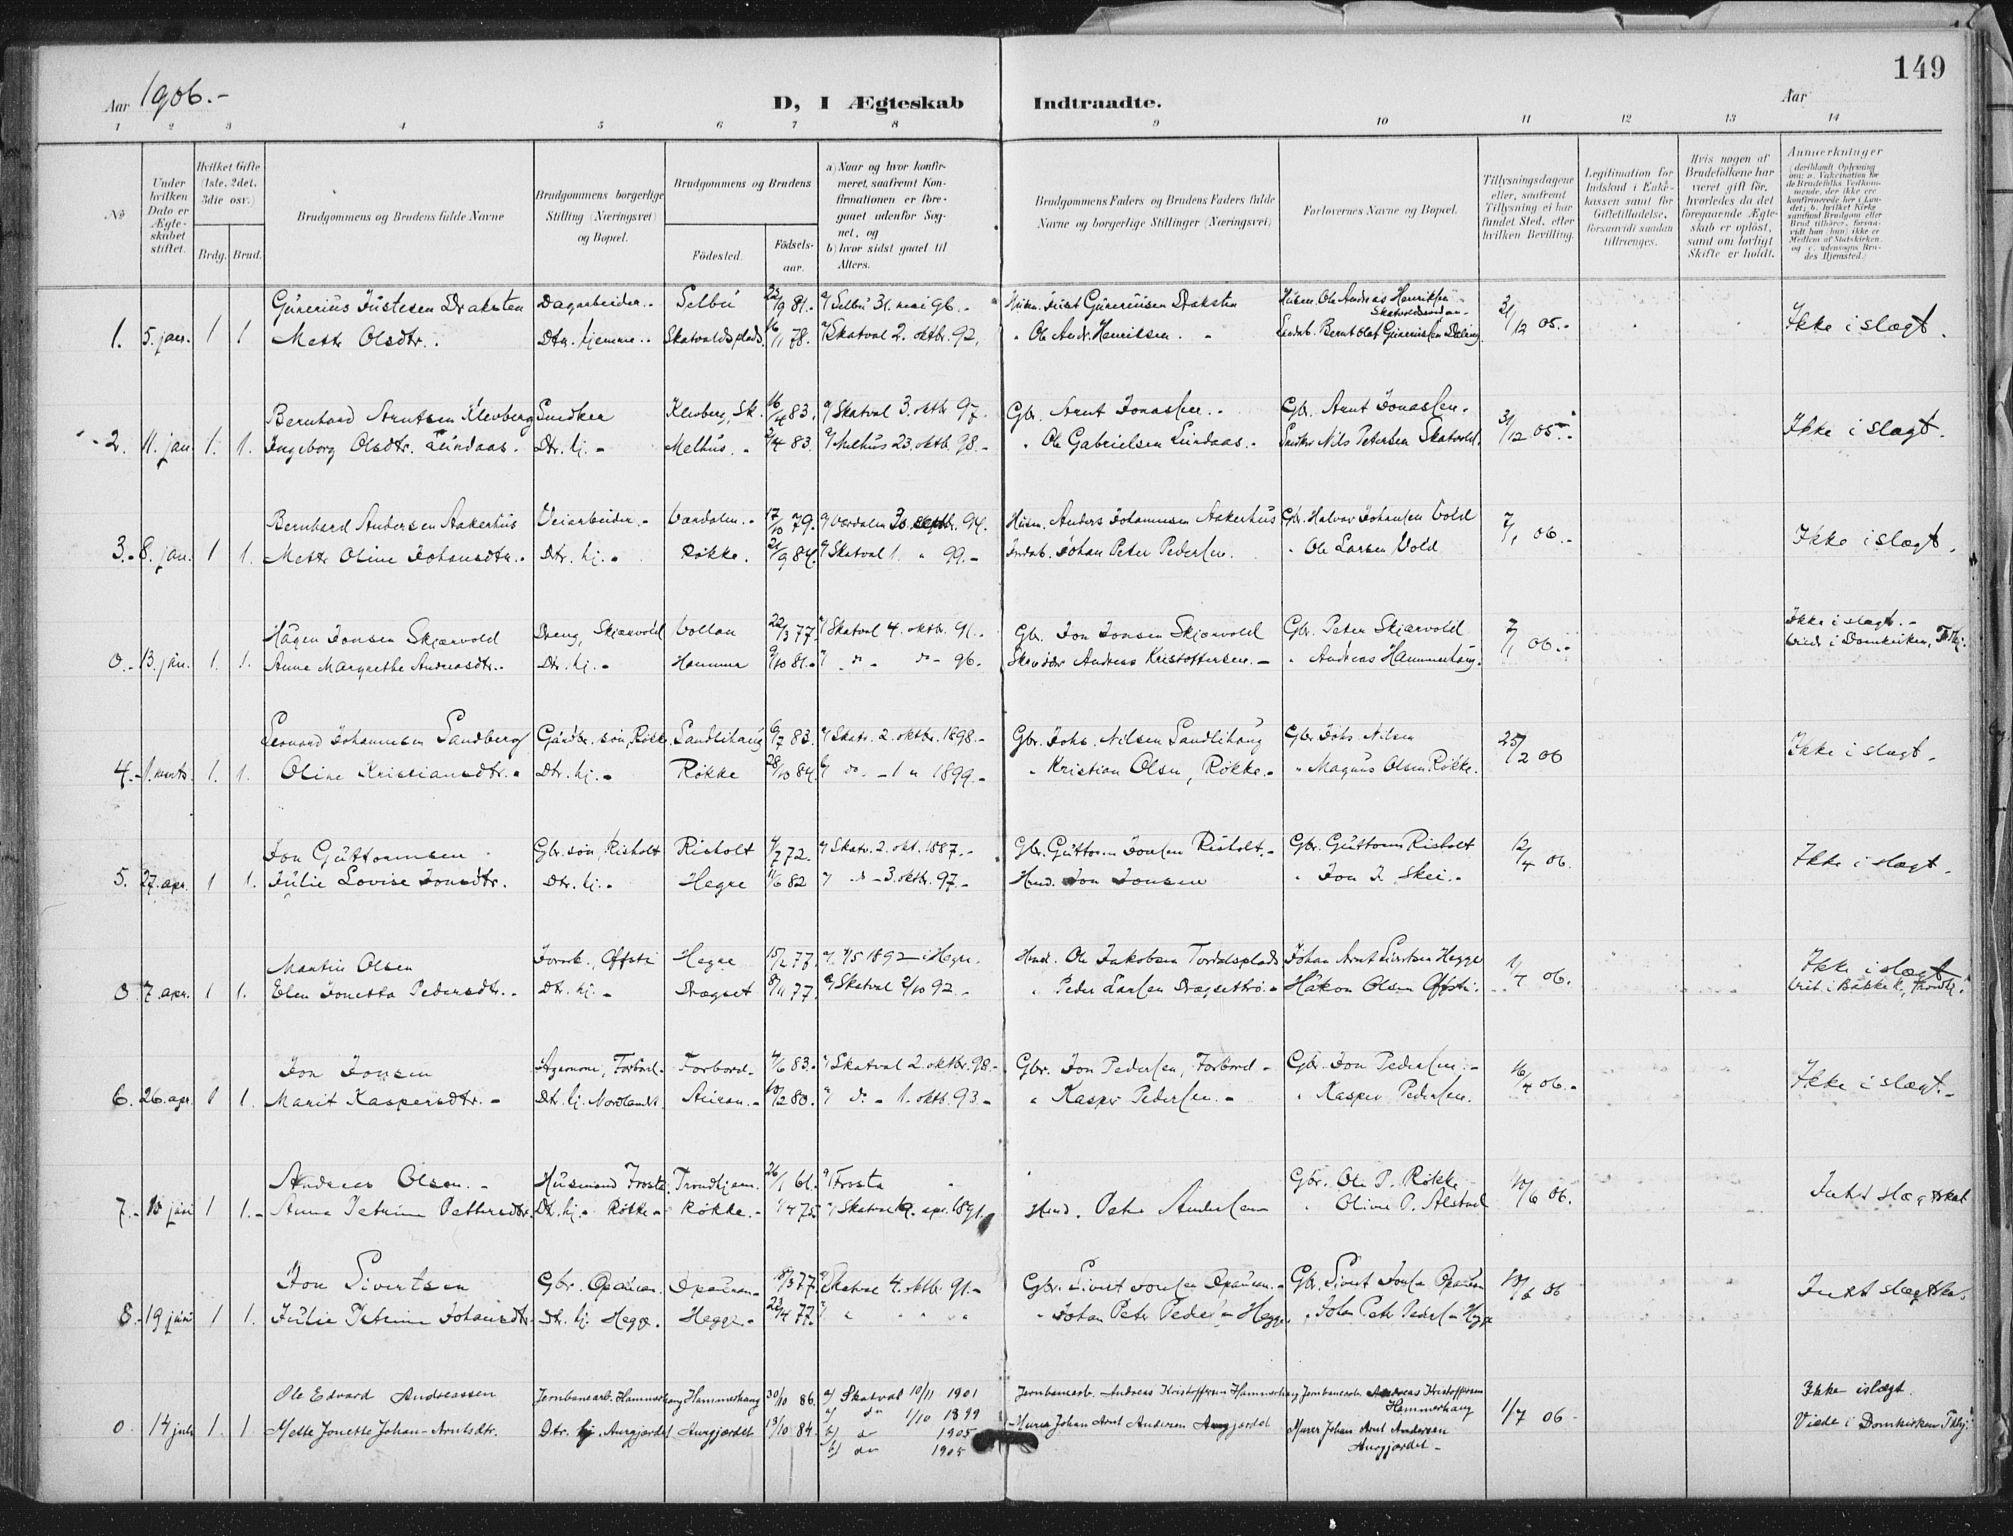 SAT, Ministerialprotokoller, klokkerbøker og fødselsregistre - Nord-Trøndelag, 712/L0101: Ministerialbok nr. 712A02, 1901-1916, s. 149